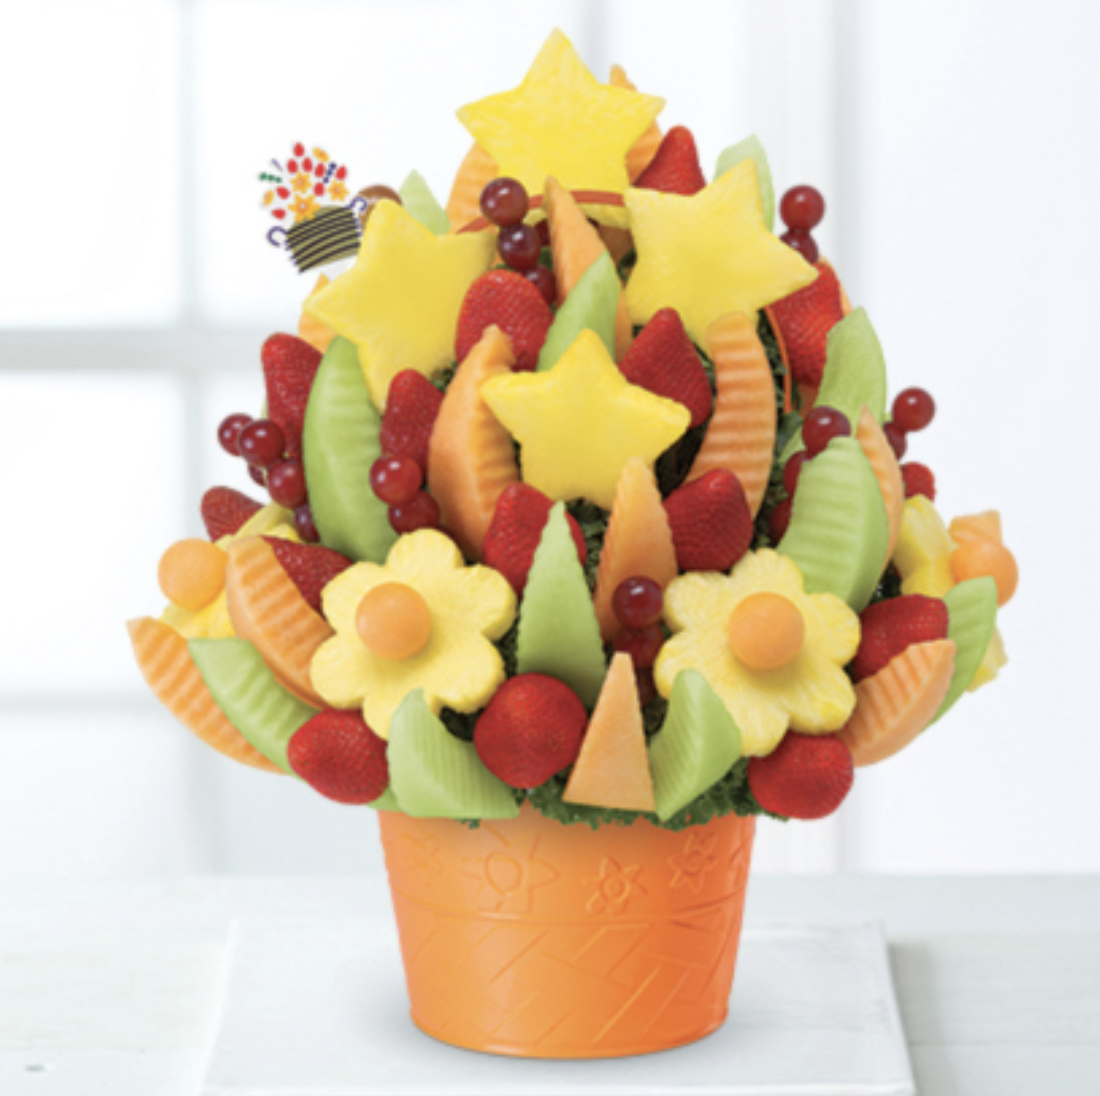 the delicious celebration arrangement